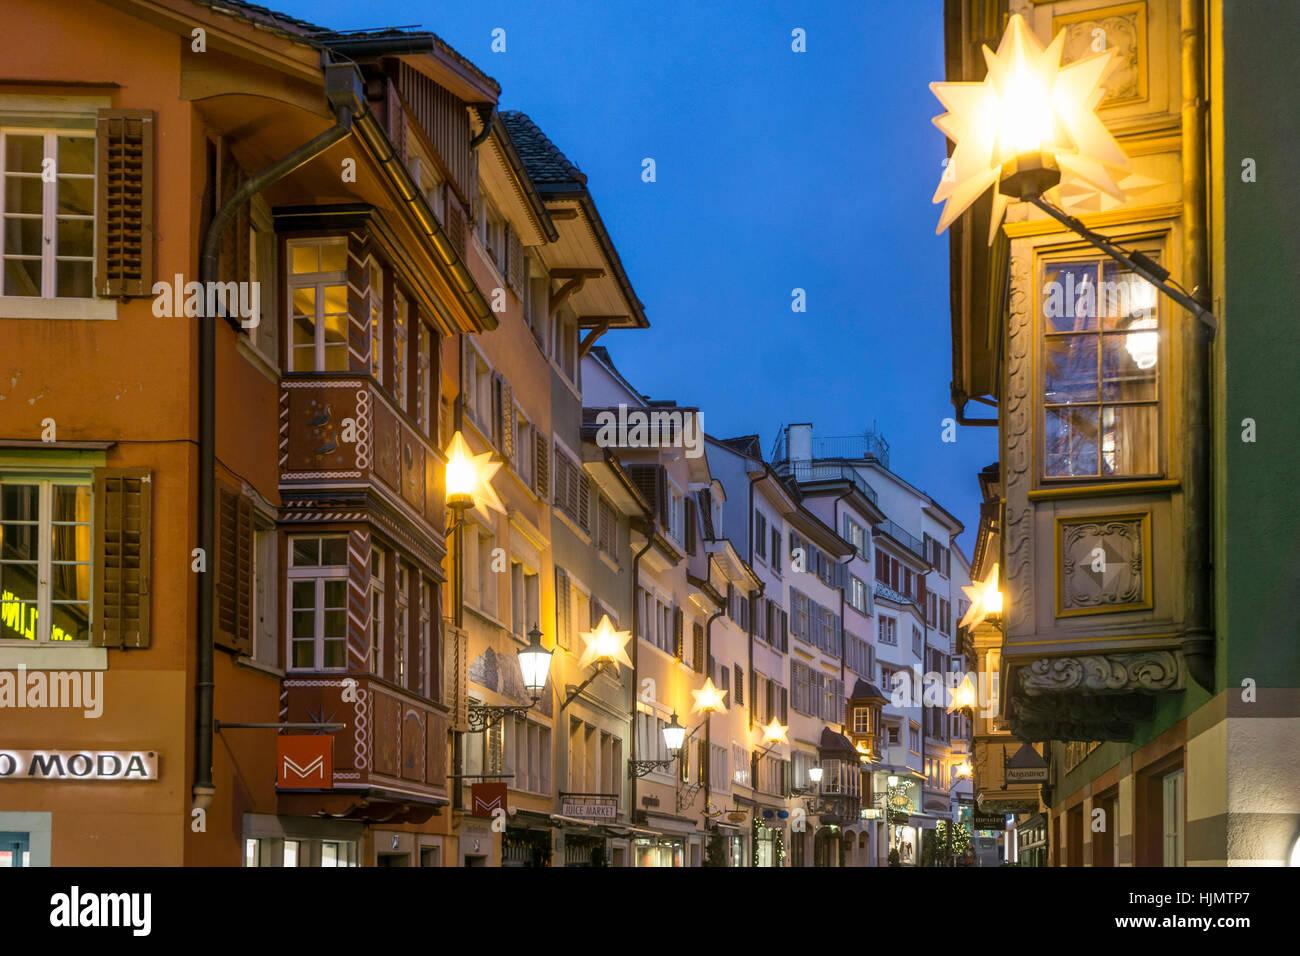 Zürich Weihnachtsbeleuchtung.Weihnachtsbeleuchtung Zürich Stock Photos Weihnachtsbeleuchtung